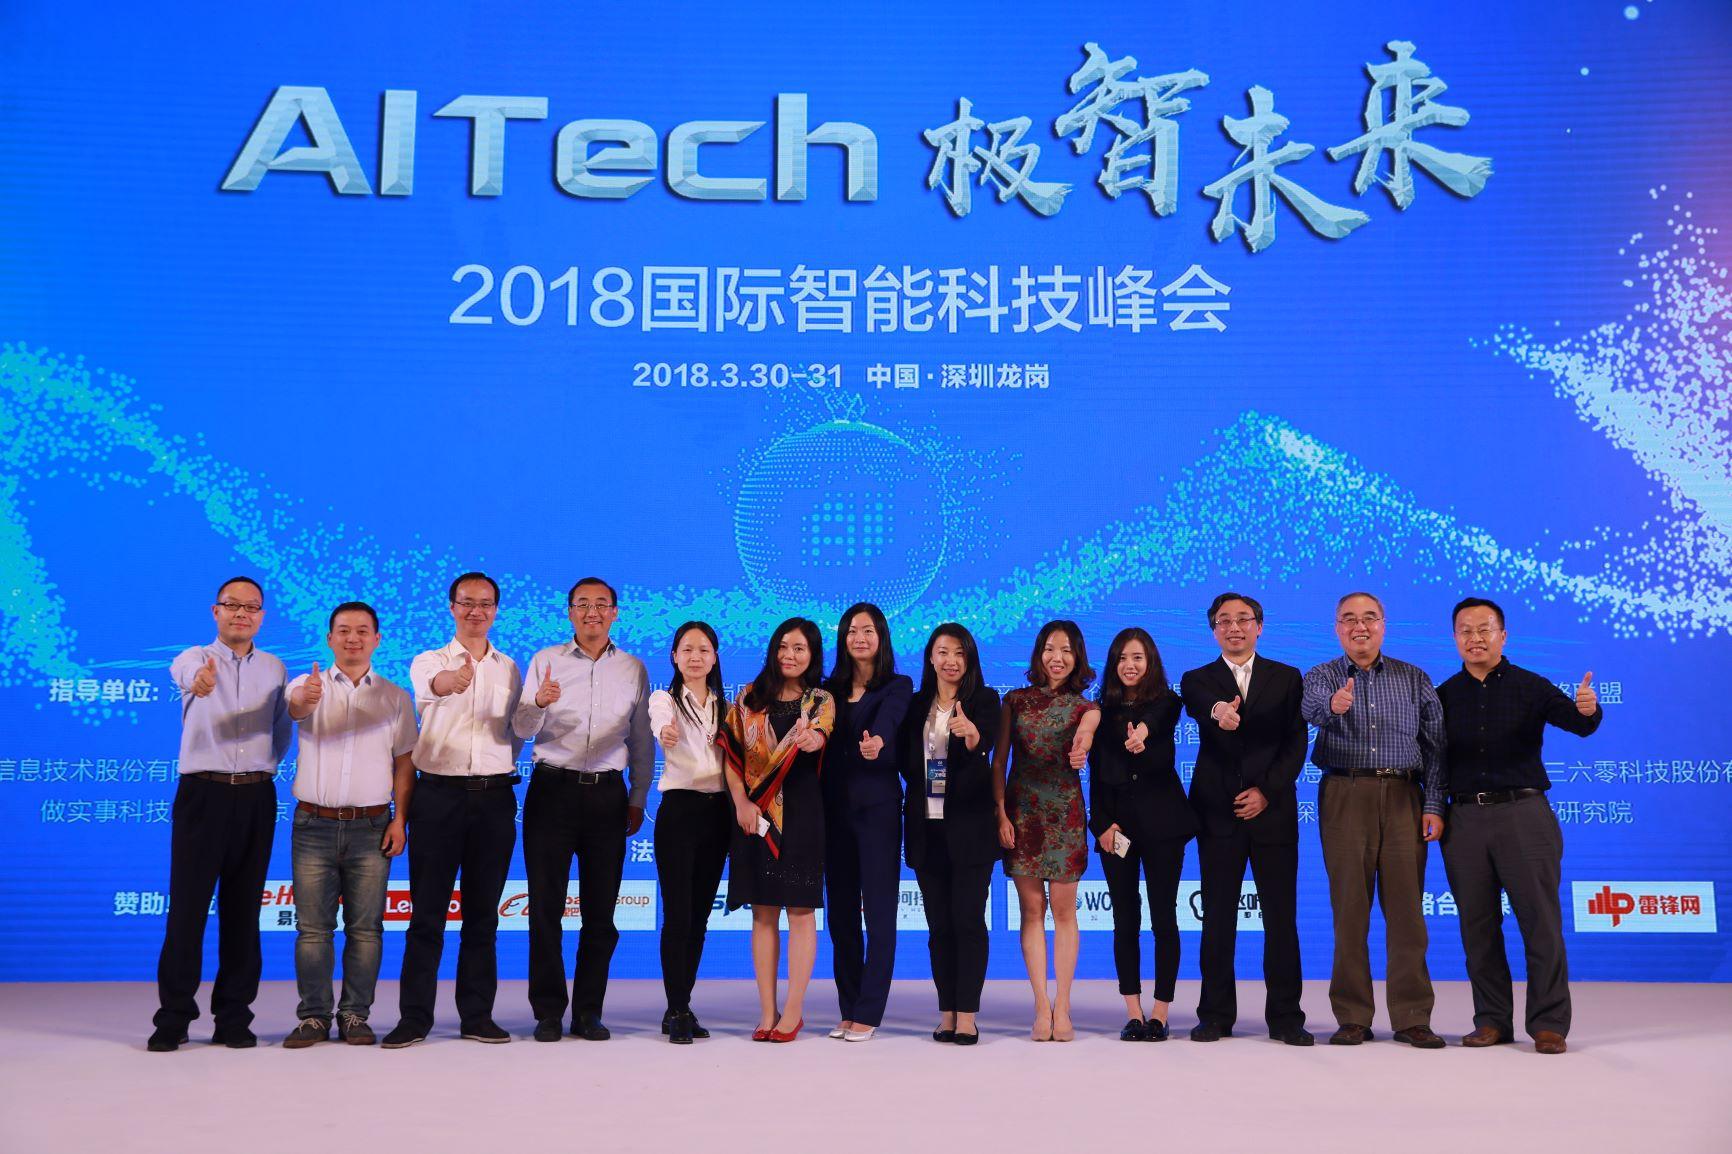 2018承办AITech